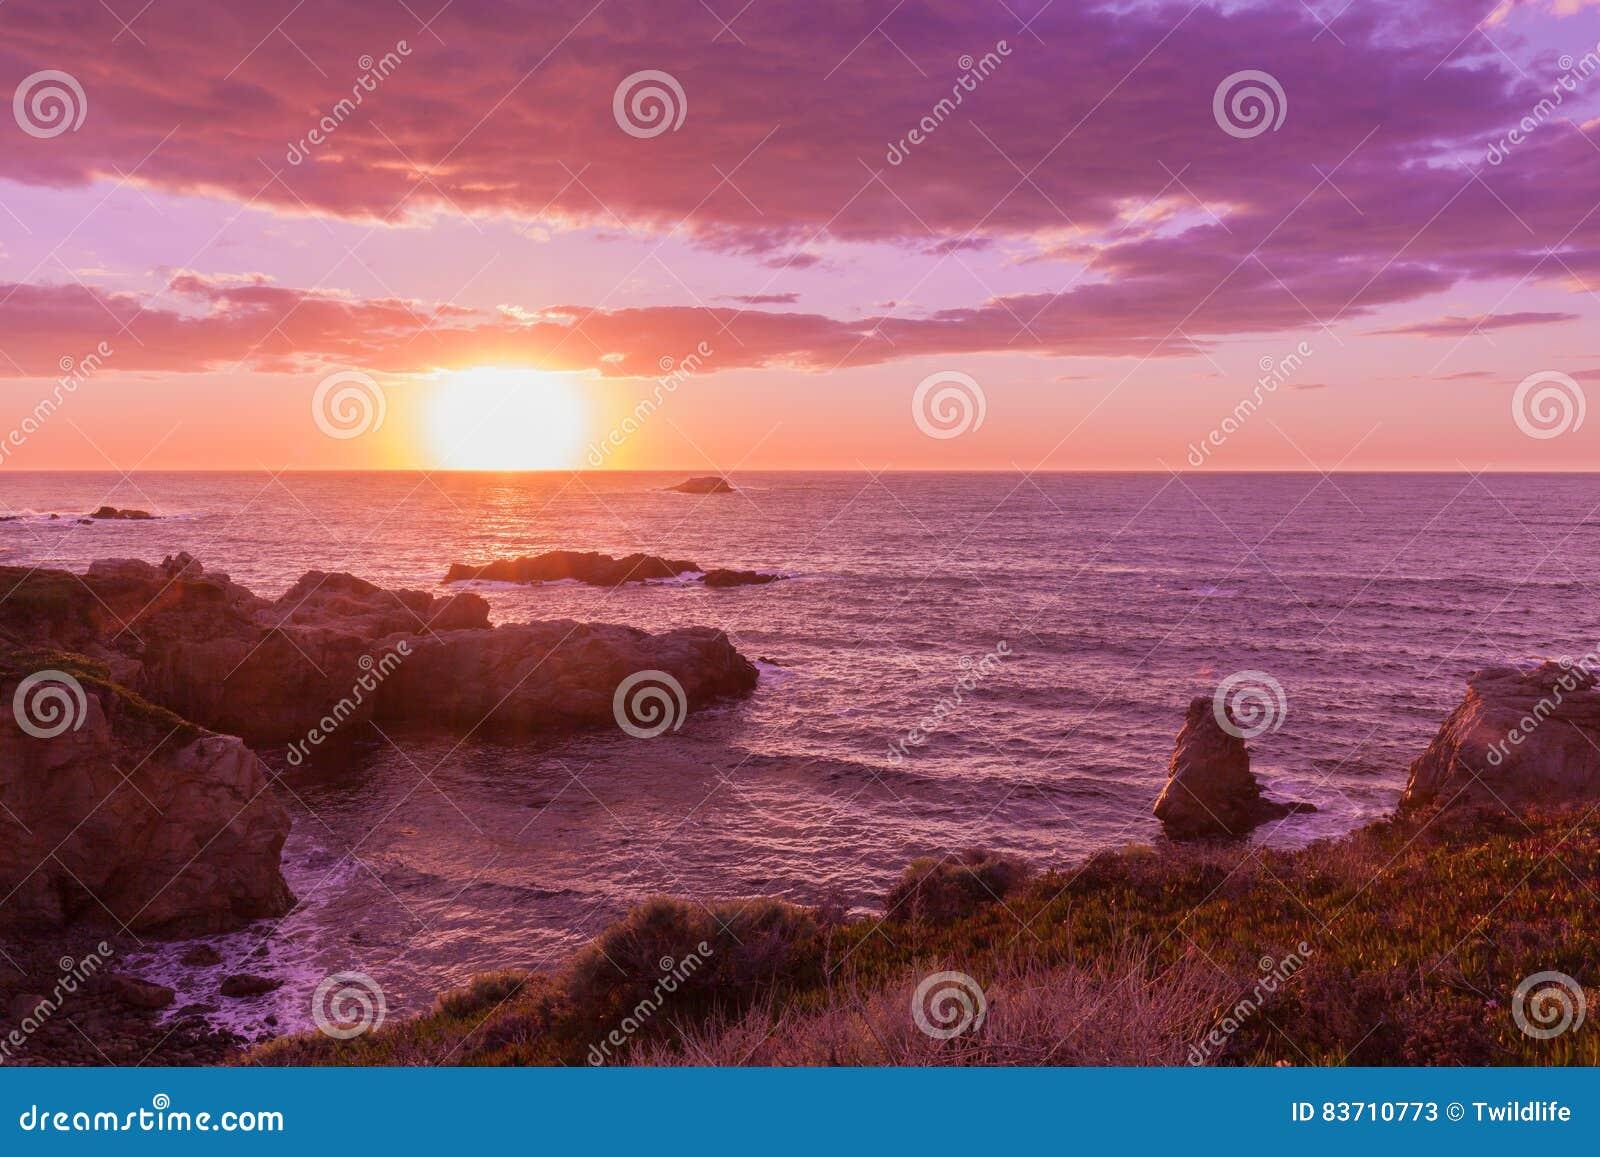 Sunset On The California Coast Stock Photo